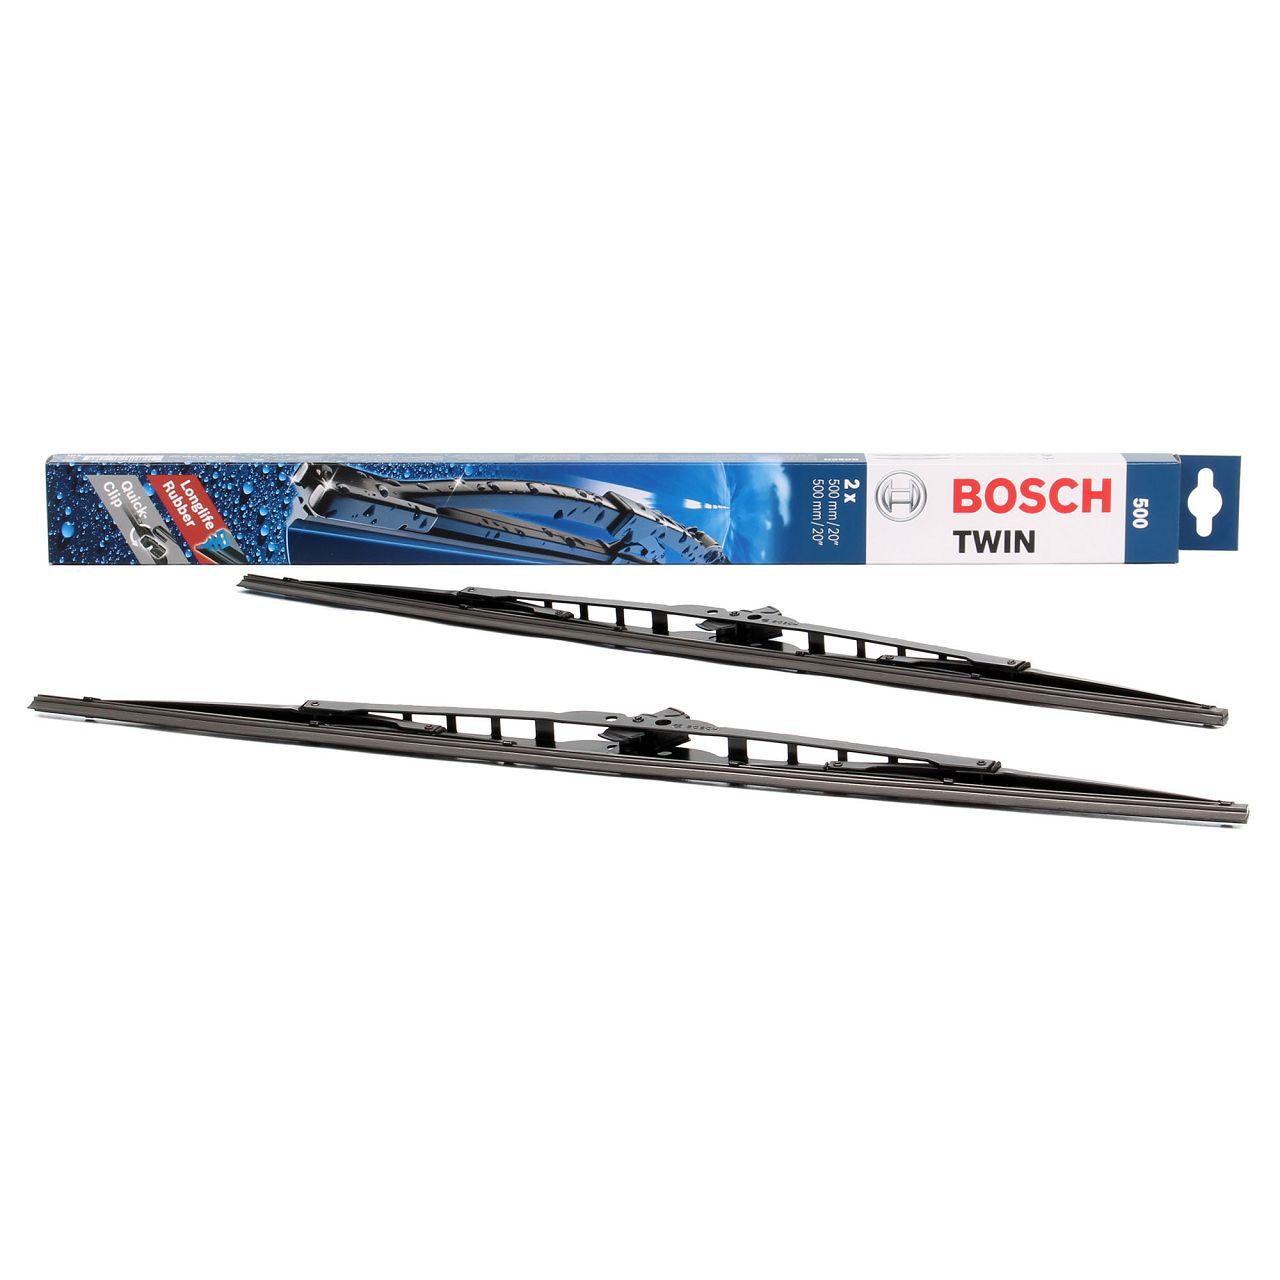 Bosch Bügelwischer TWIN 500 2x 500mm